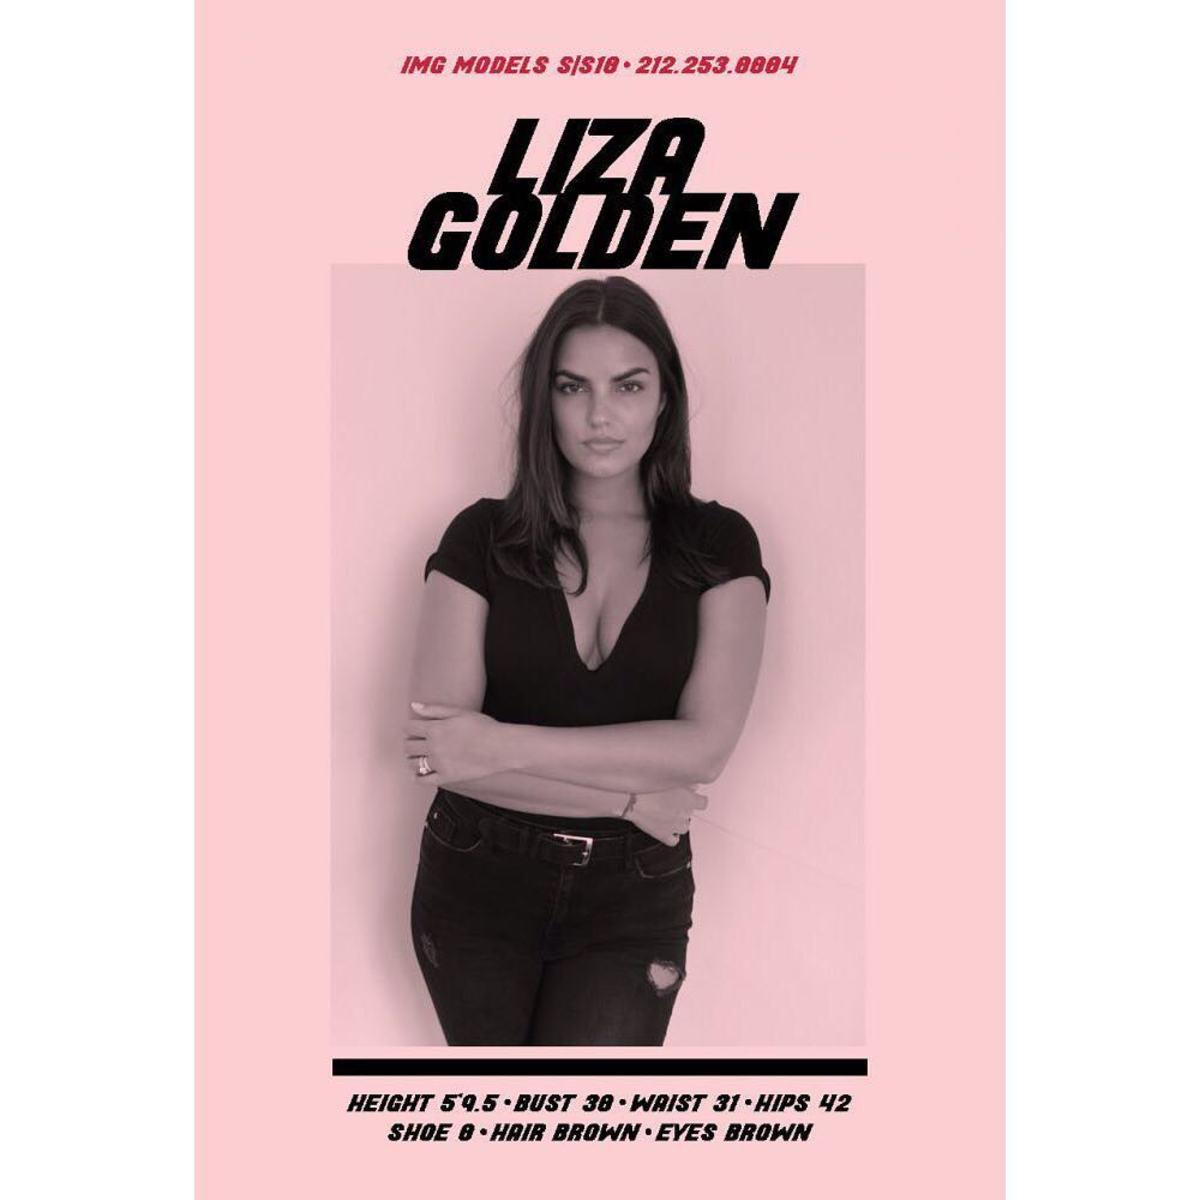 liza-golden-instagram2.jpg